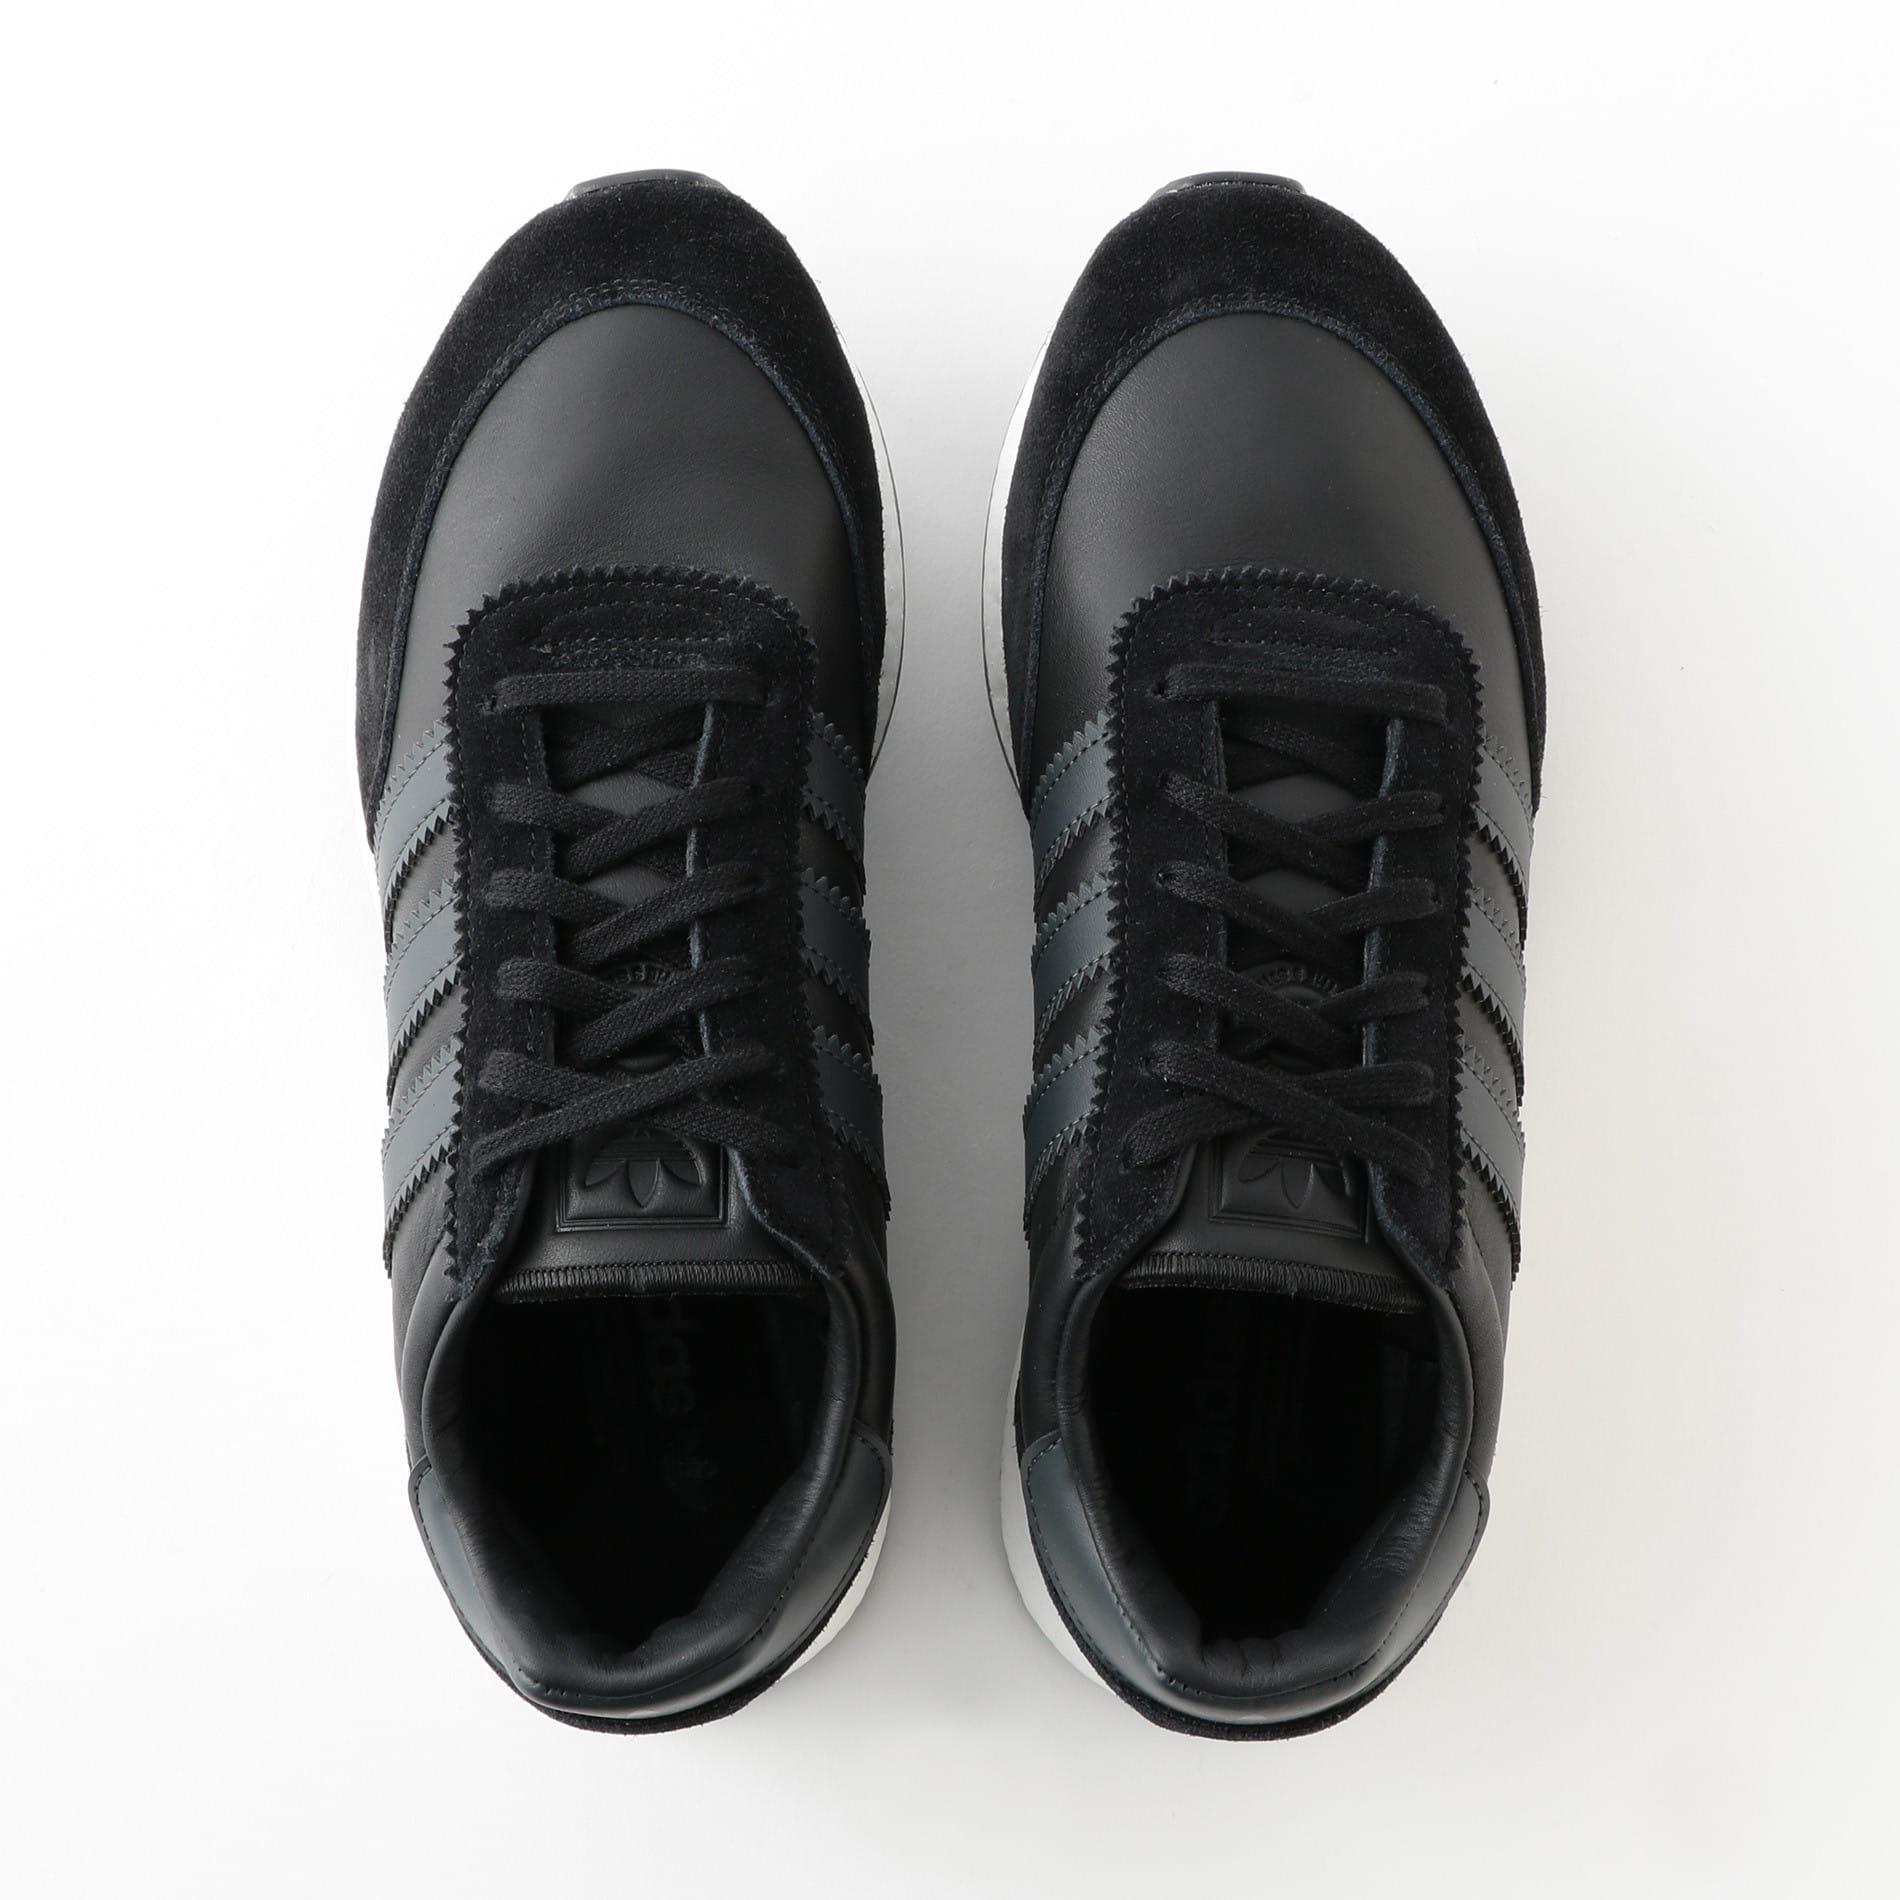 【adidas】MEN I-5923 BD7798